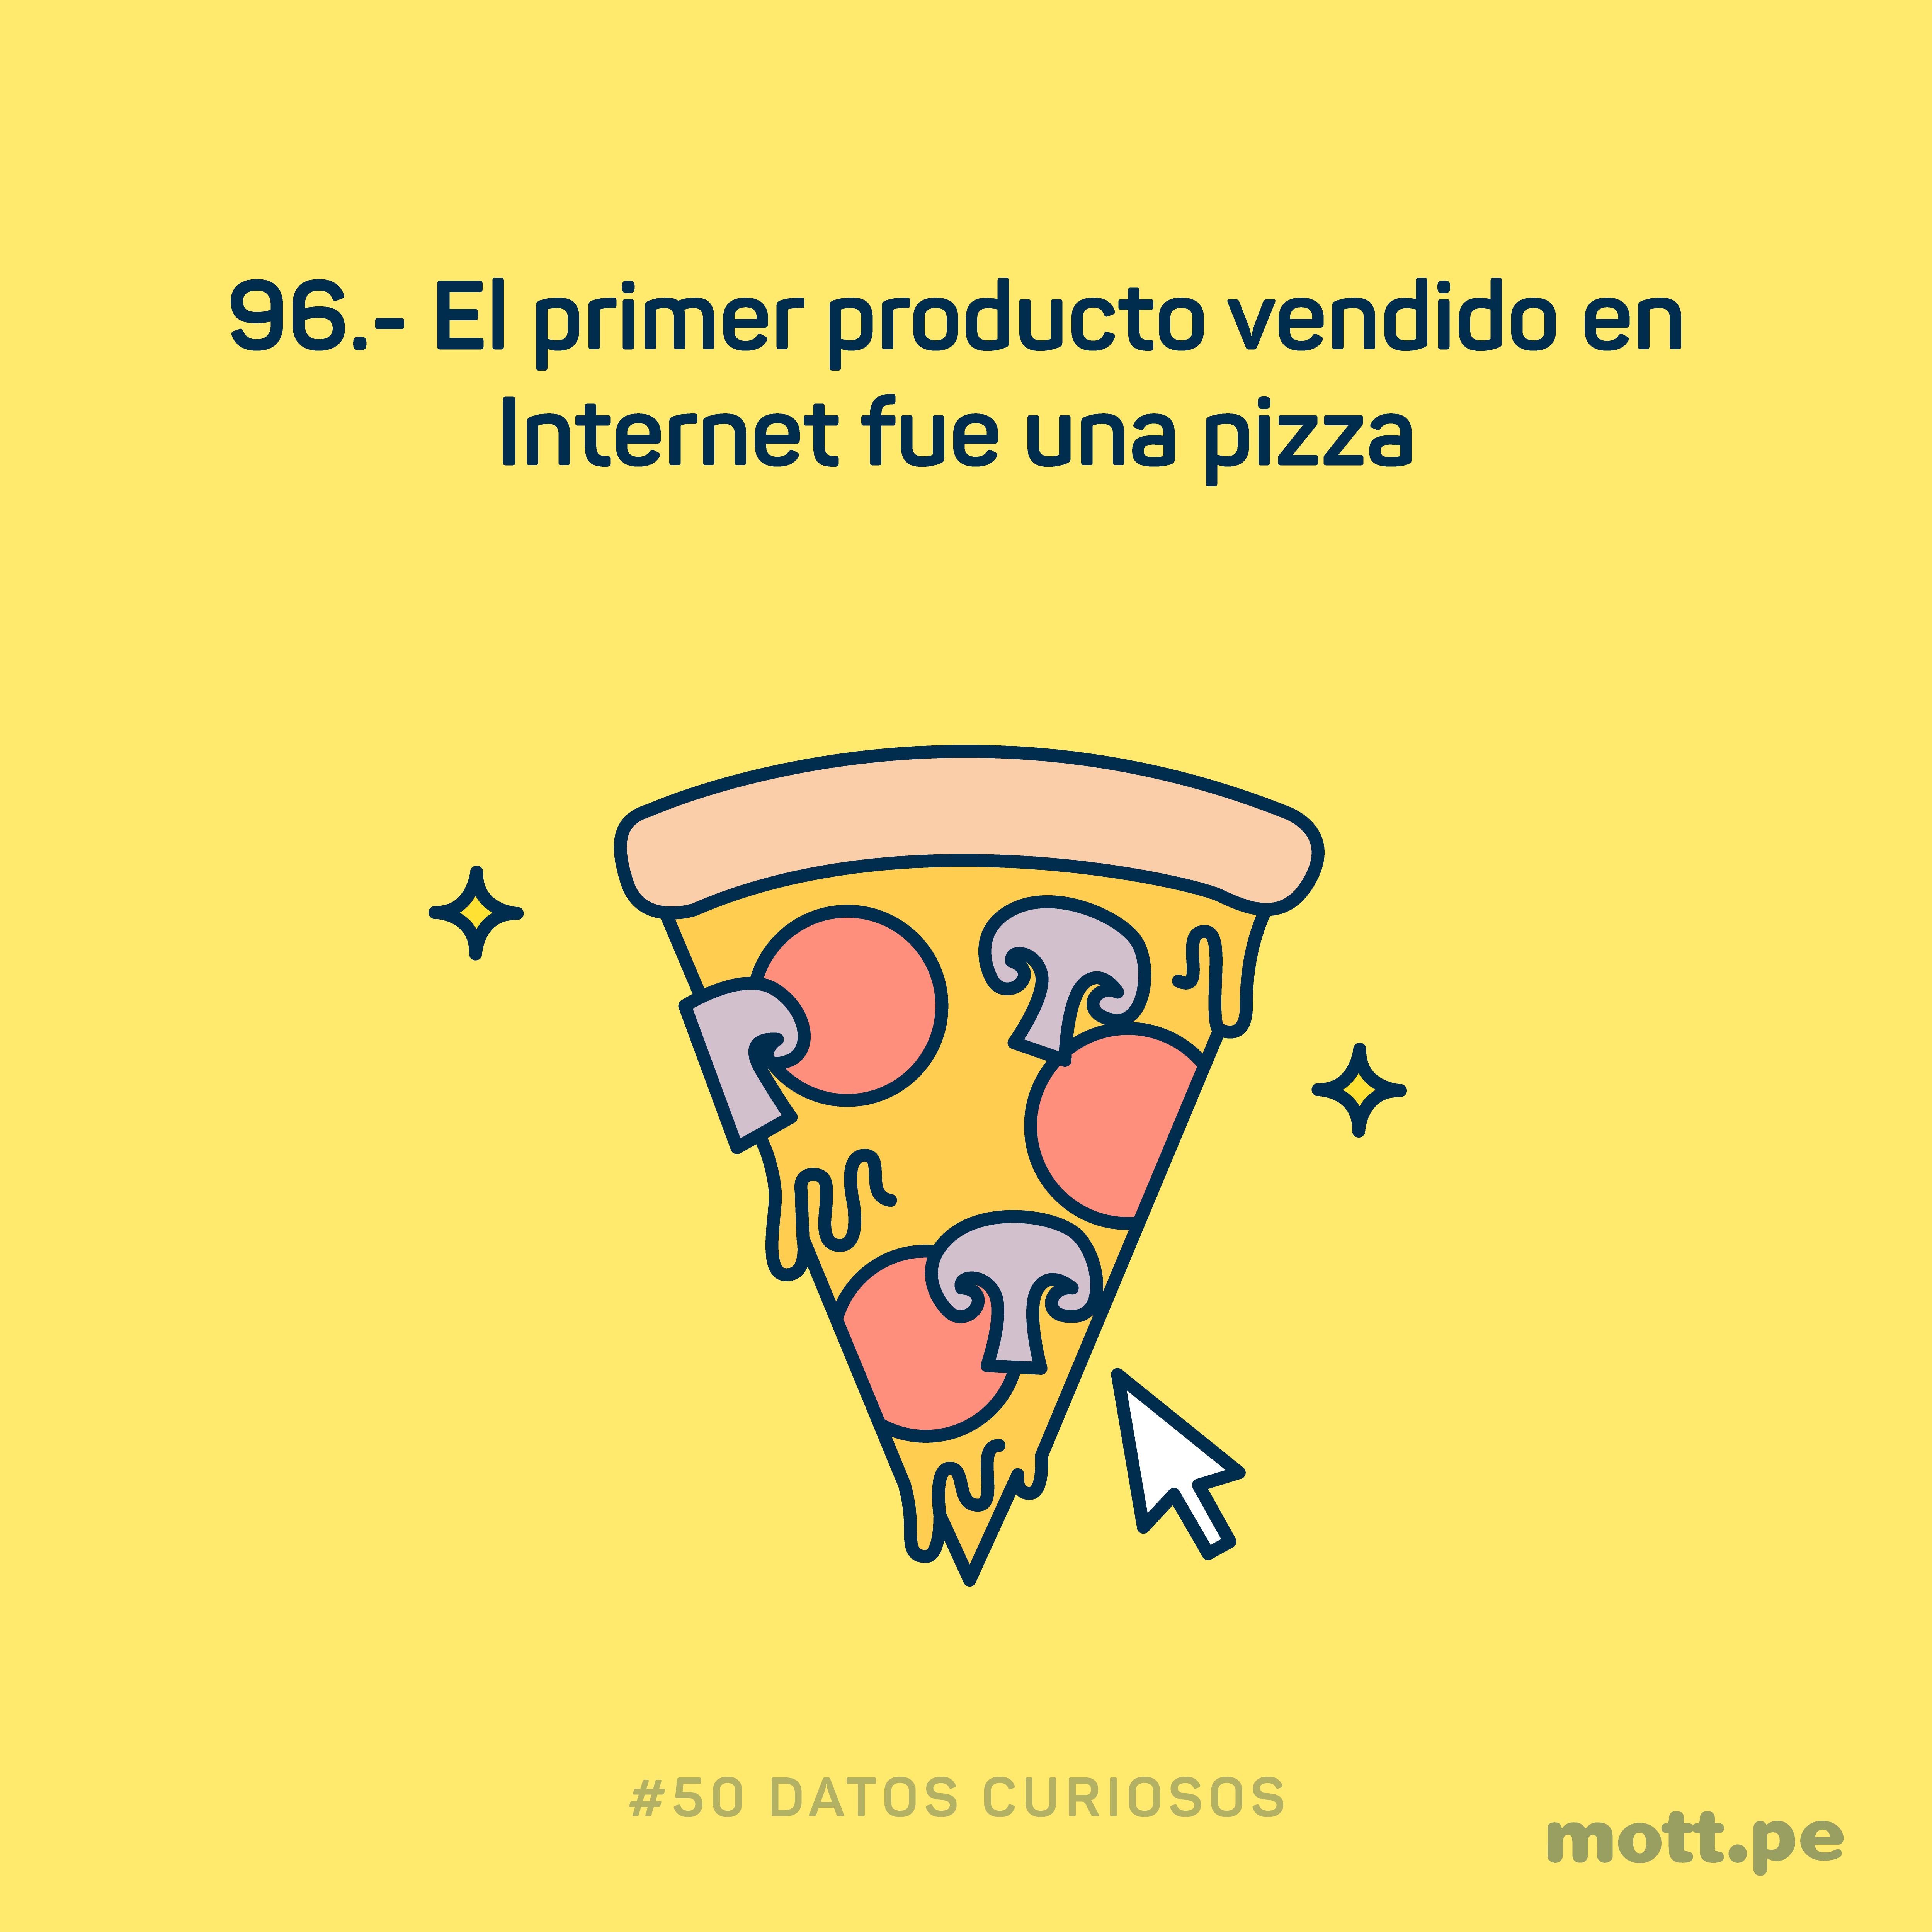 la pizza fue el primer producto vendido en internet